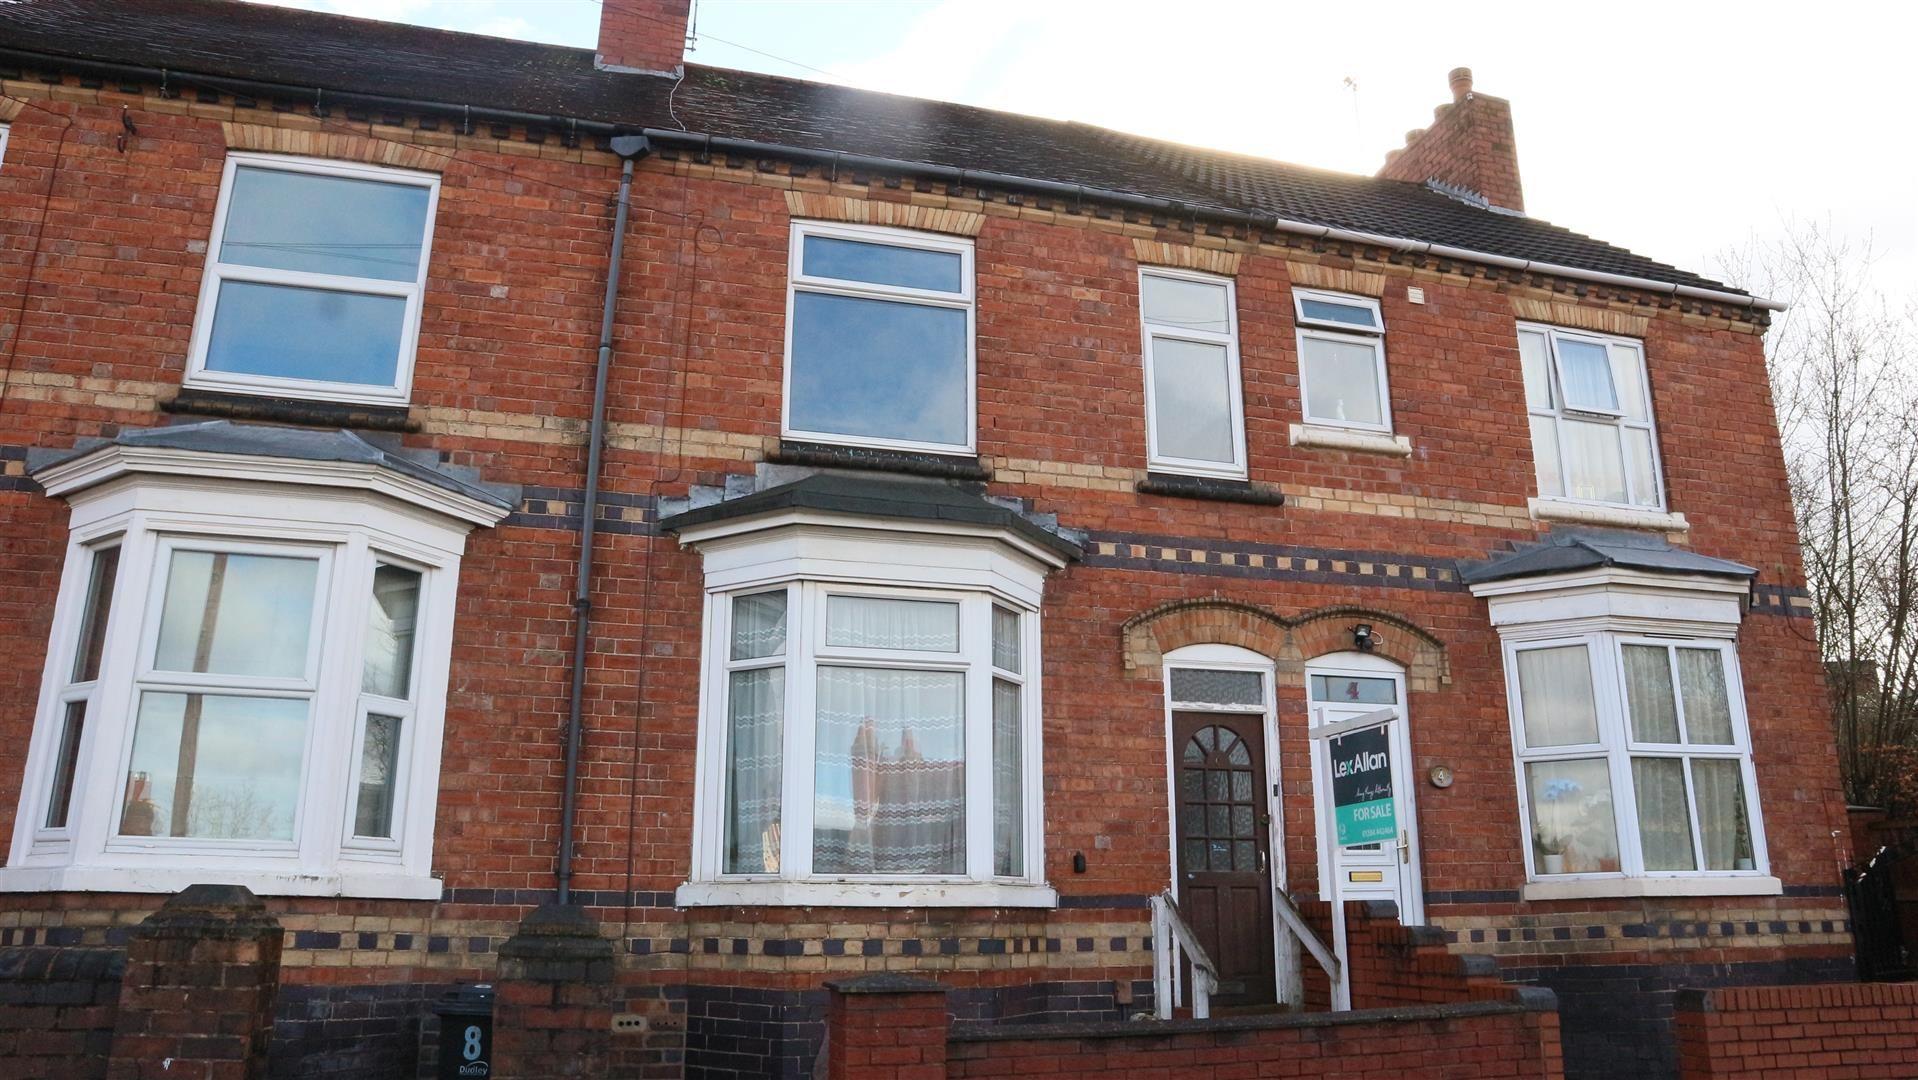 2 bed terraced for sale in Lye, DY9